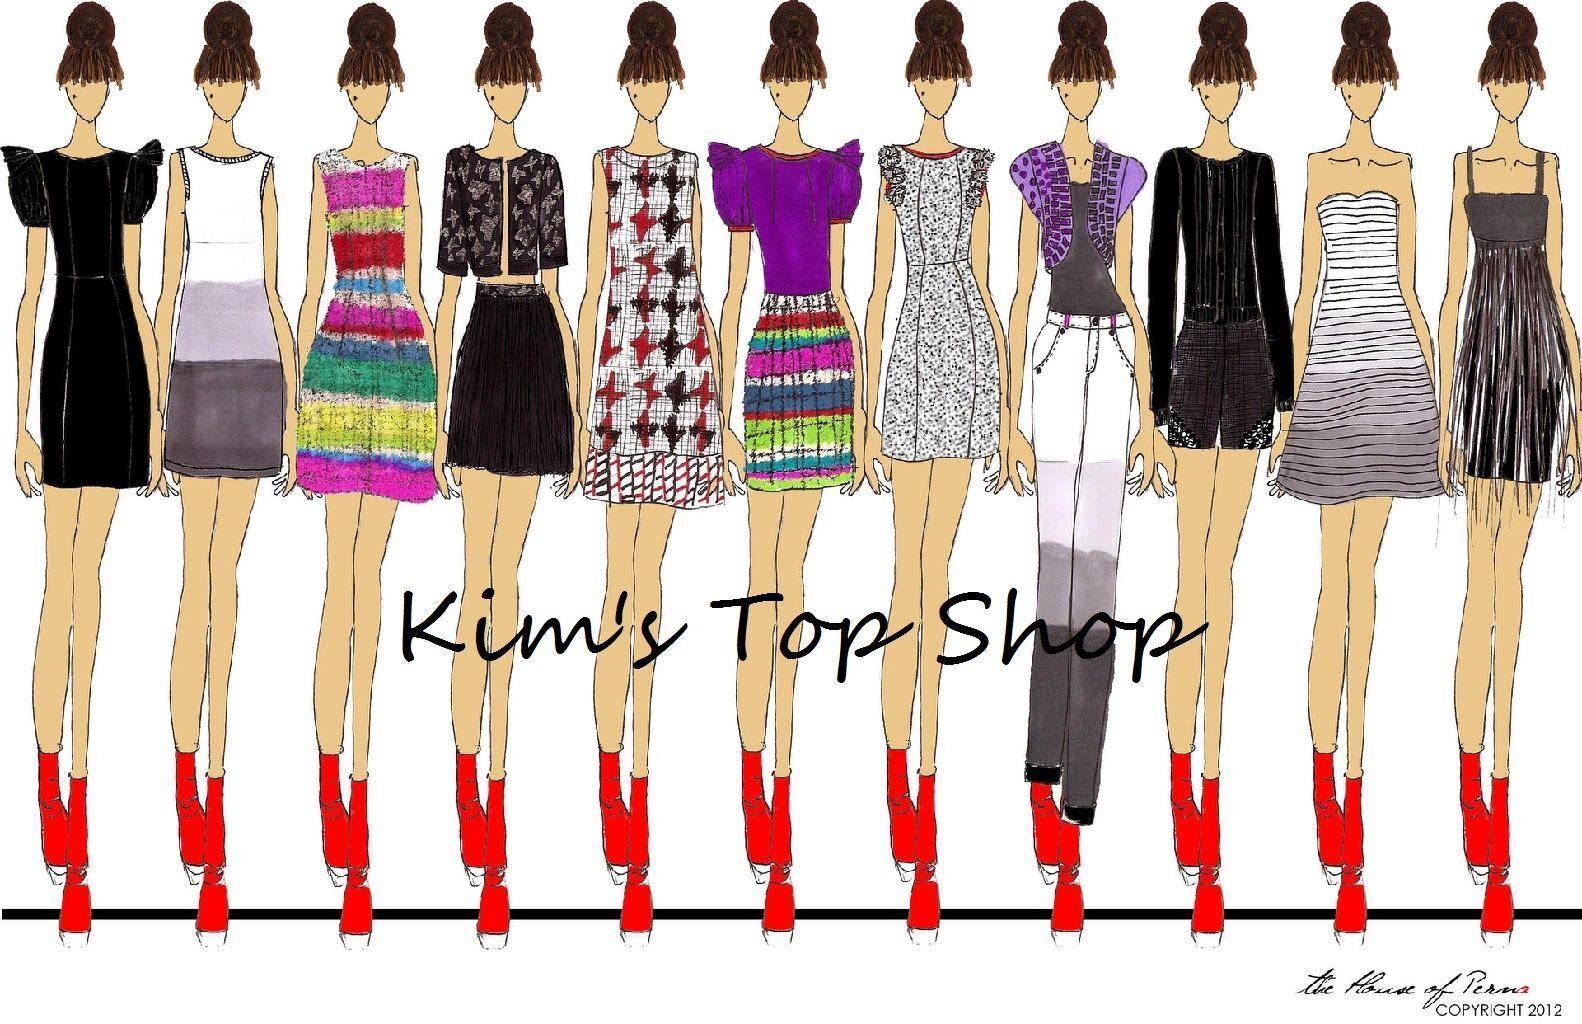 Kim s Top Shop